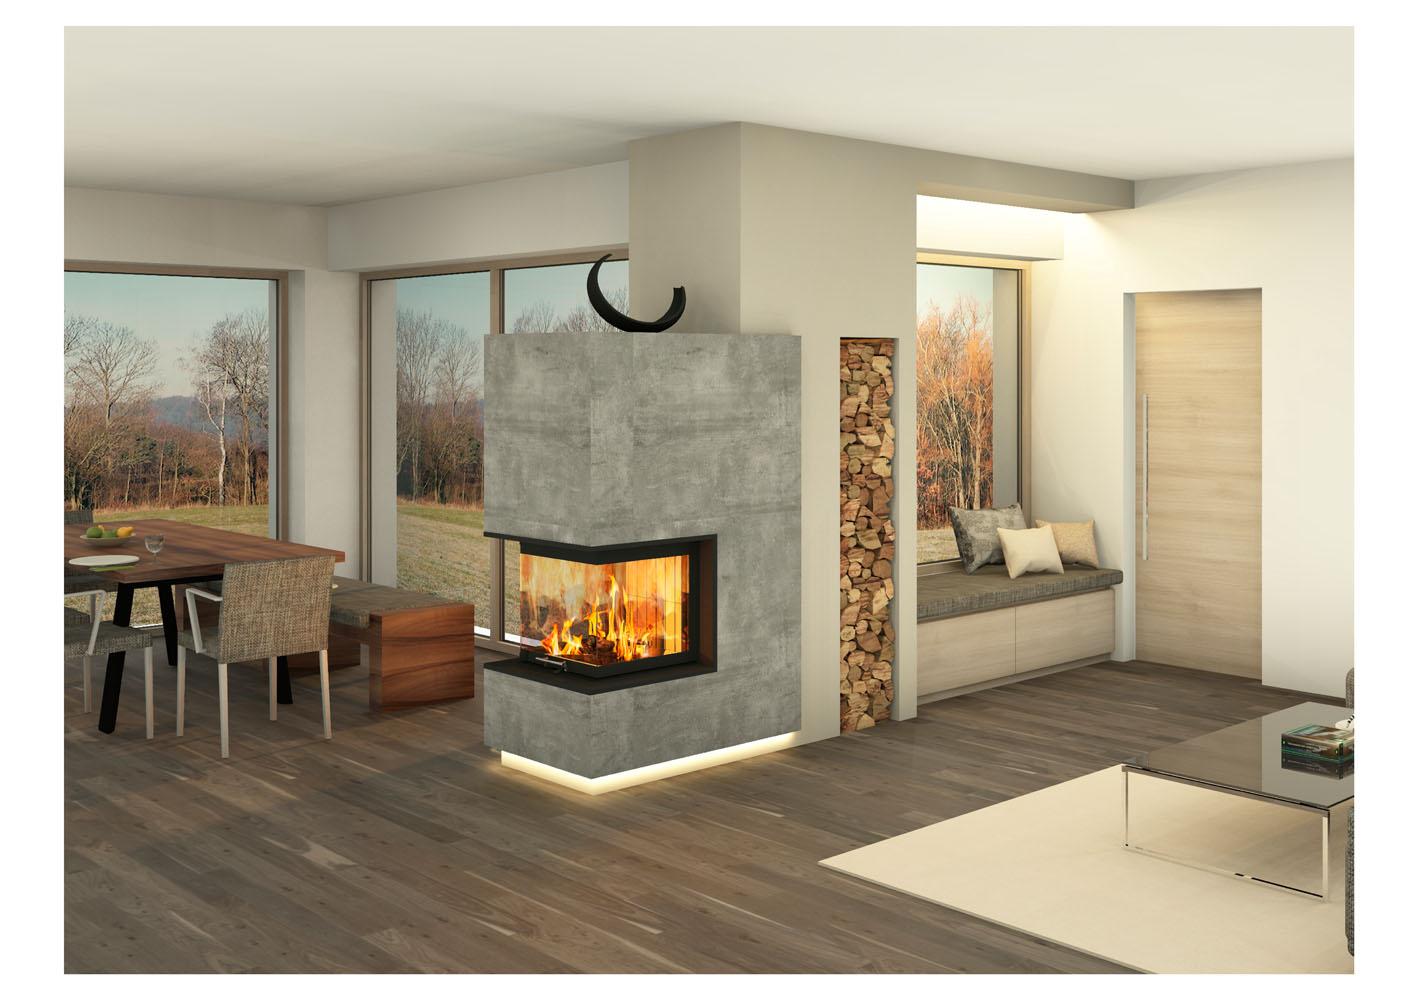 Fliesen für Wohnzimmer: Sind Fliesen im Wohnbereich empfehlenswert?